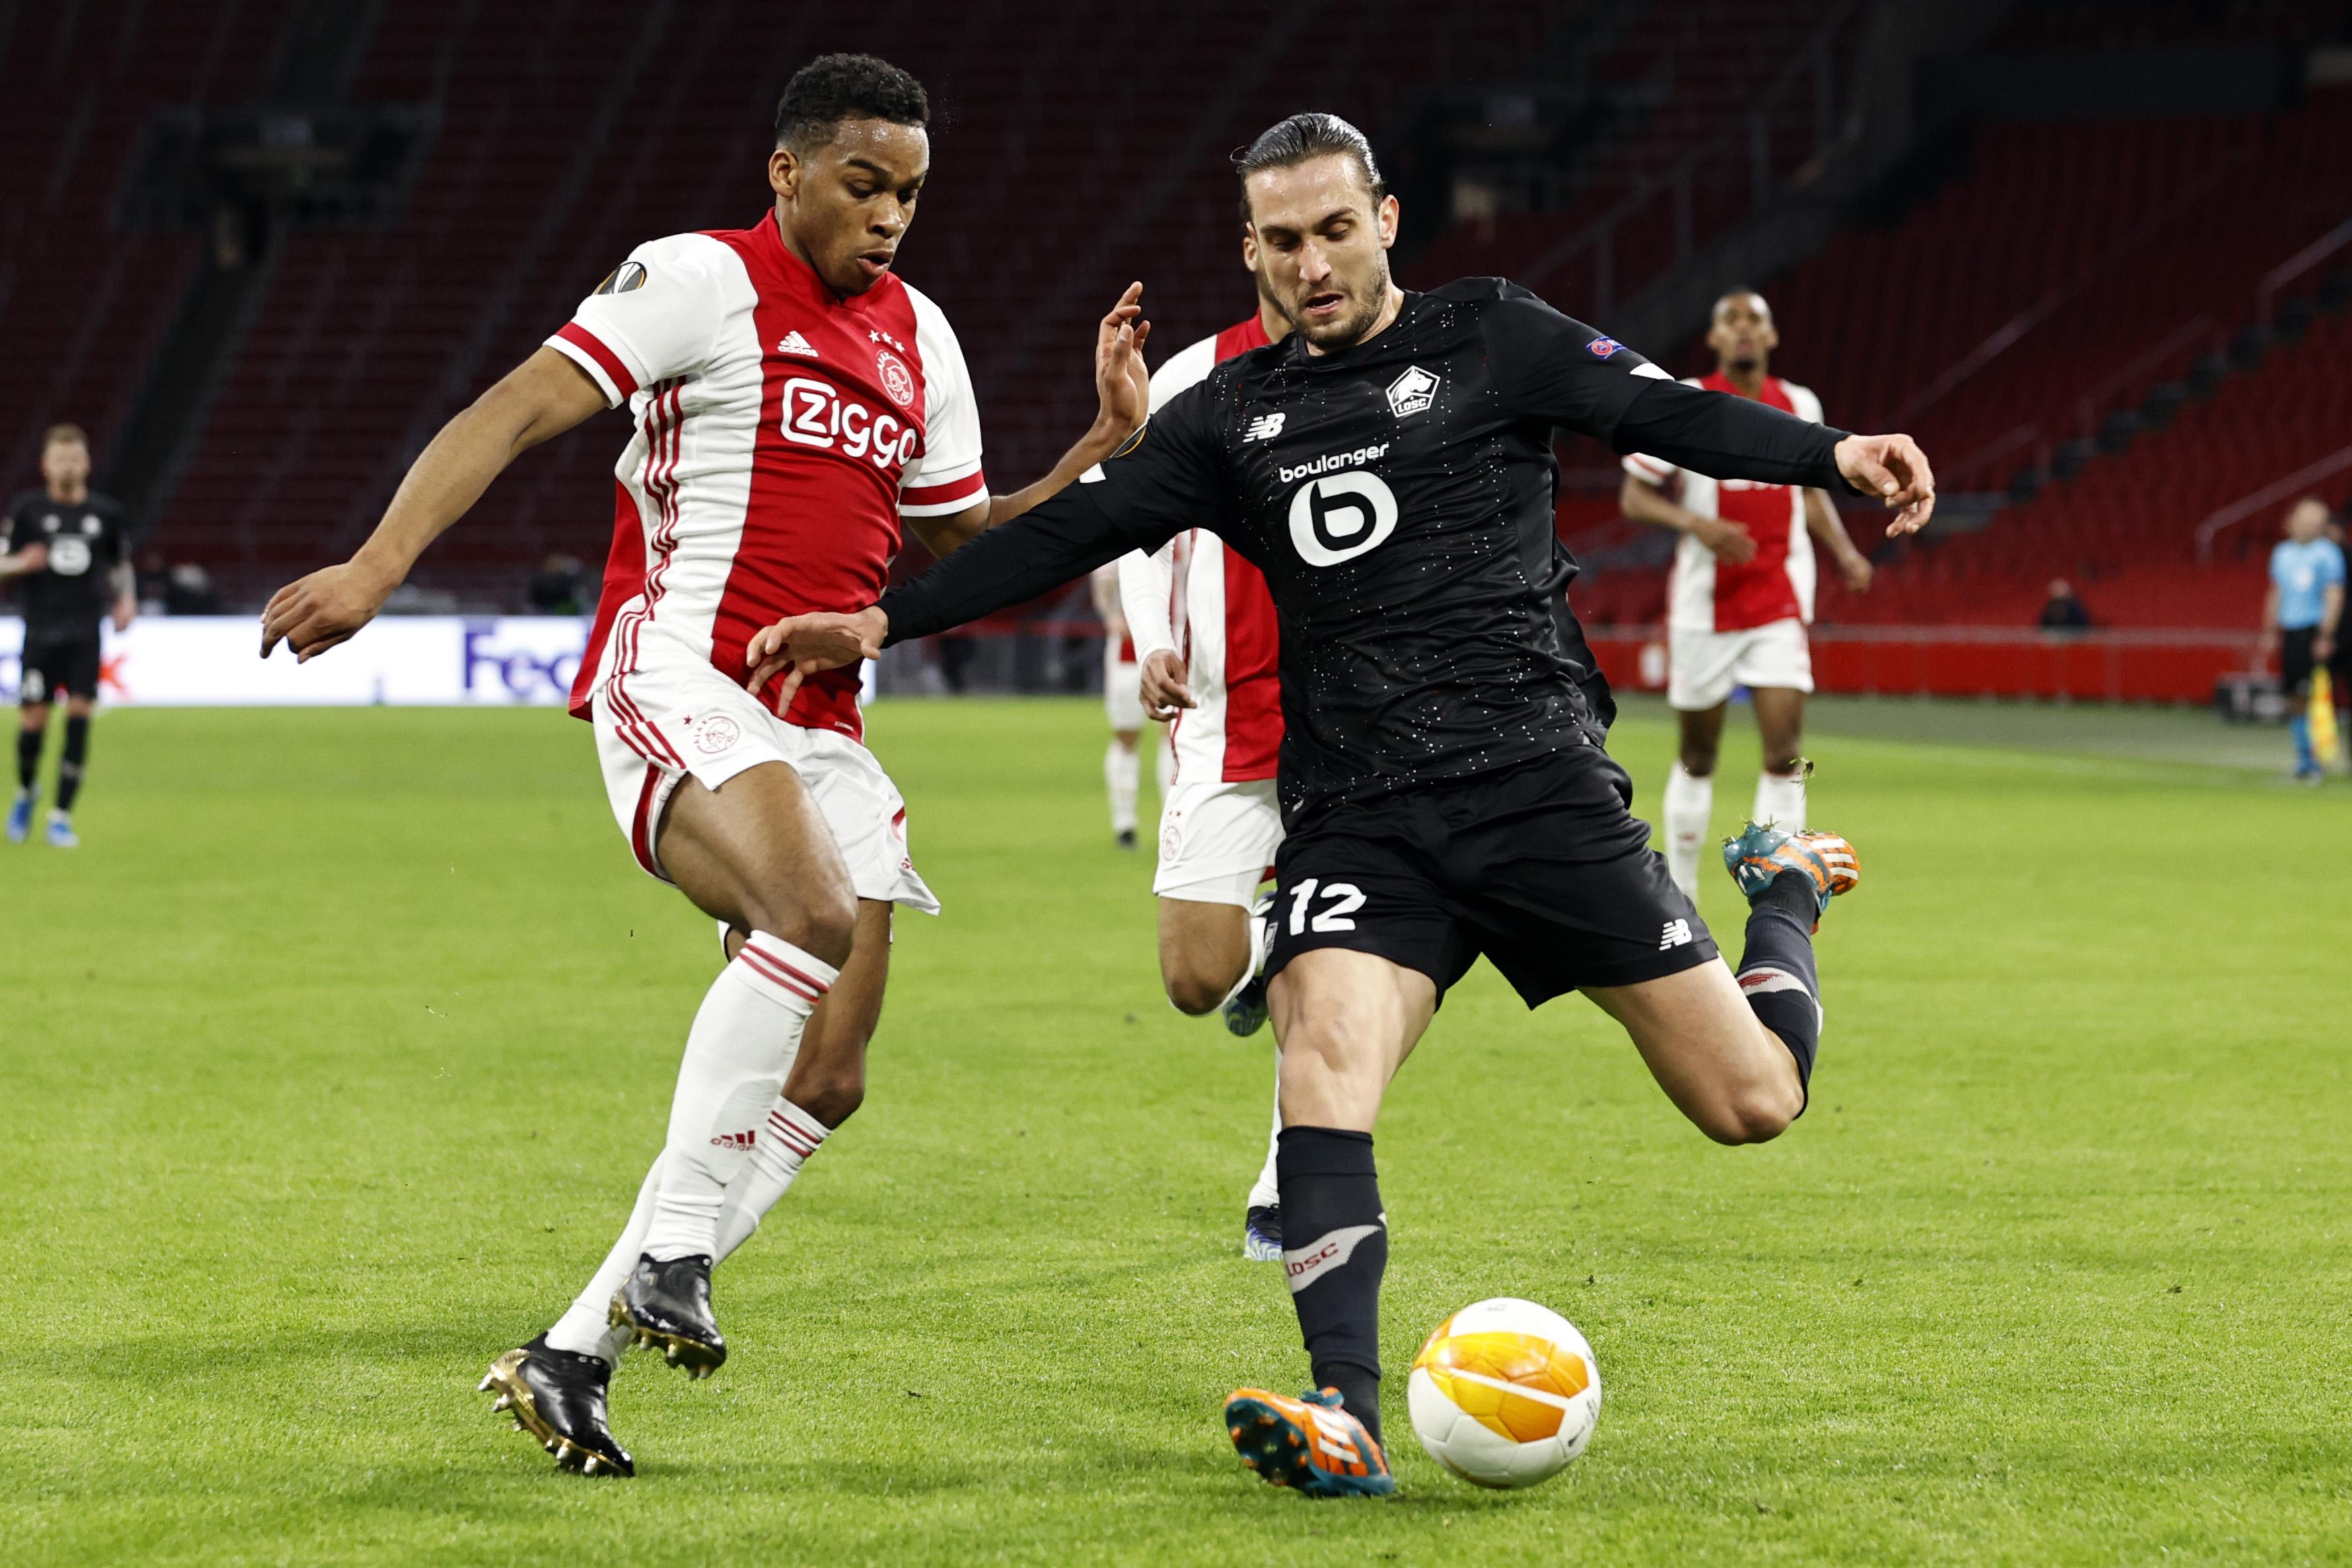 Ajax Lille maç özeti izle 1-2! Yusuf Yazıcı gol attı, tarihe geçti